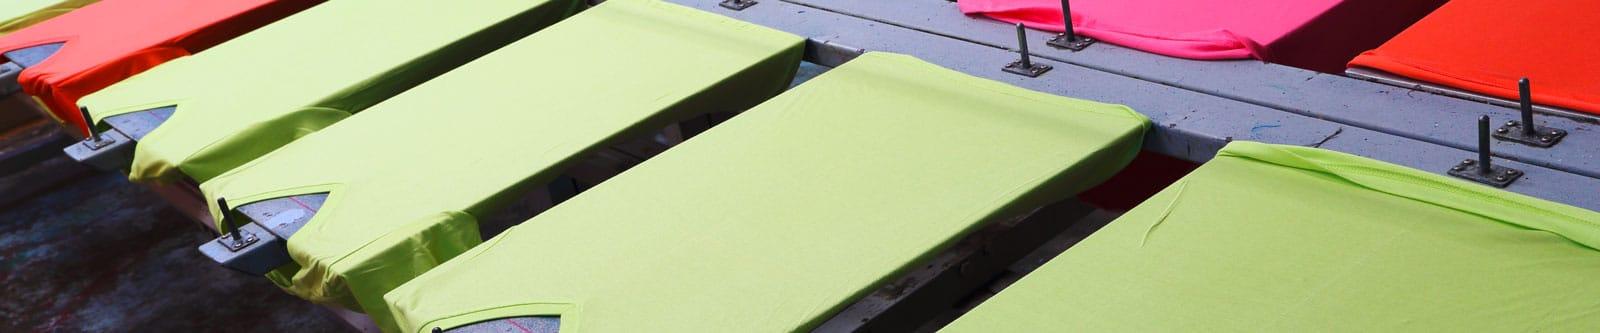 Textildruck Textilveredelung Siebdruck Digitaldirektdruck Stick Header